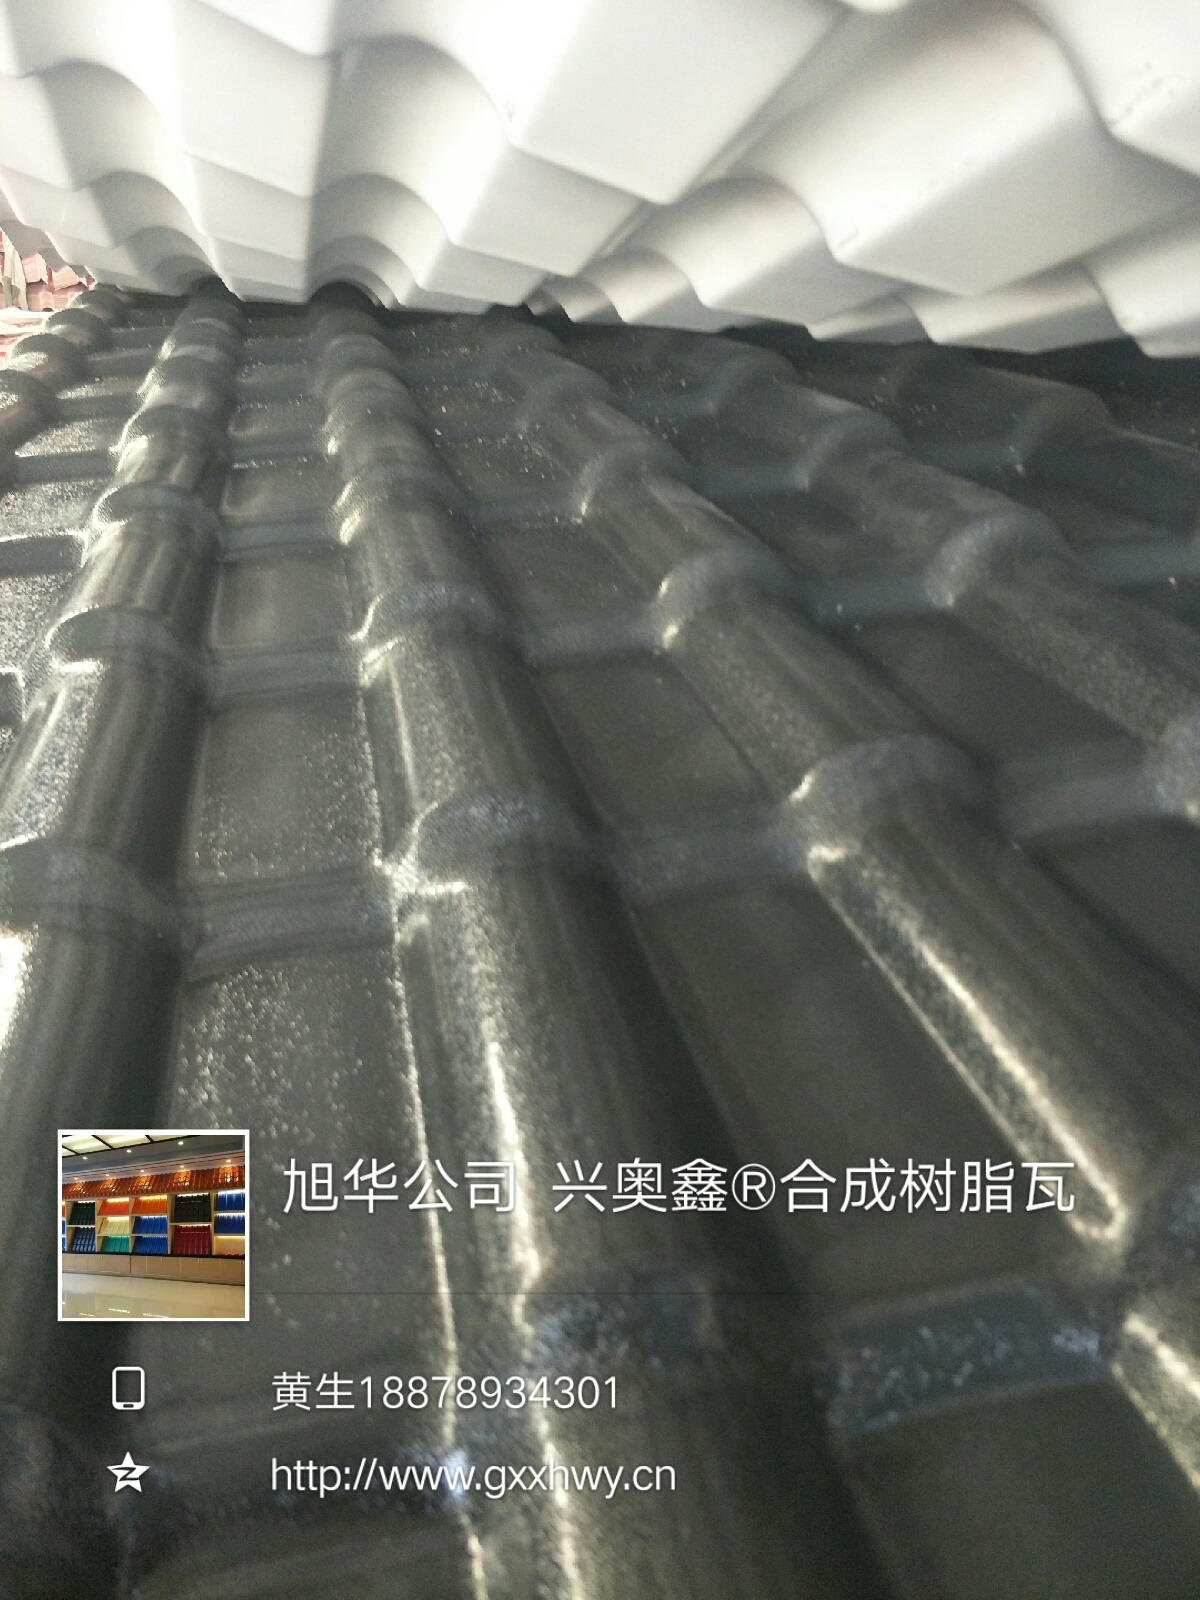 貴州合成樹脂瓦,貴州合成樹脂瓦生產,貴州合成樹脂瓦哪家好